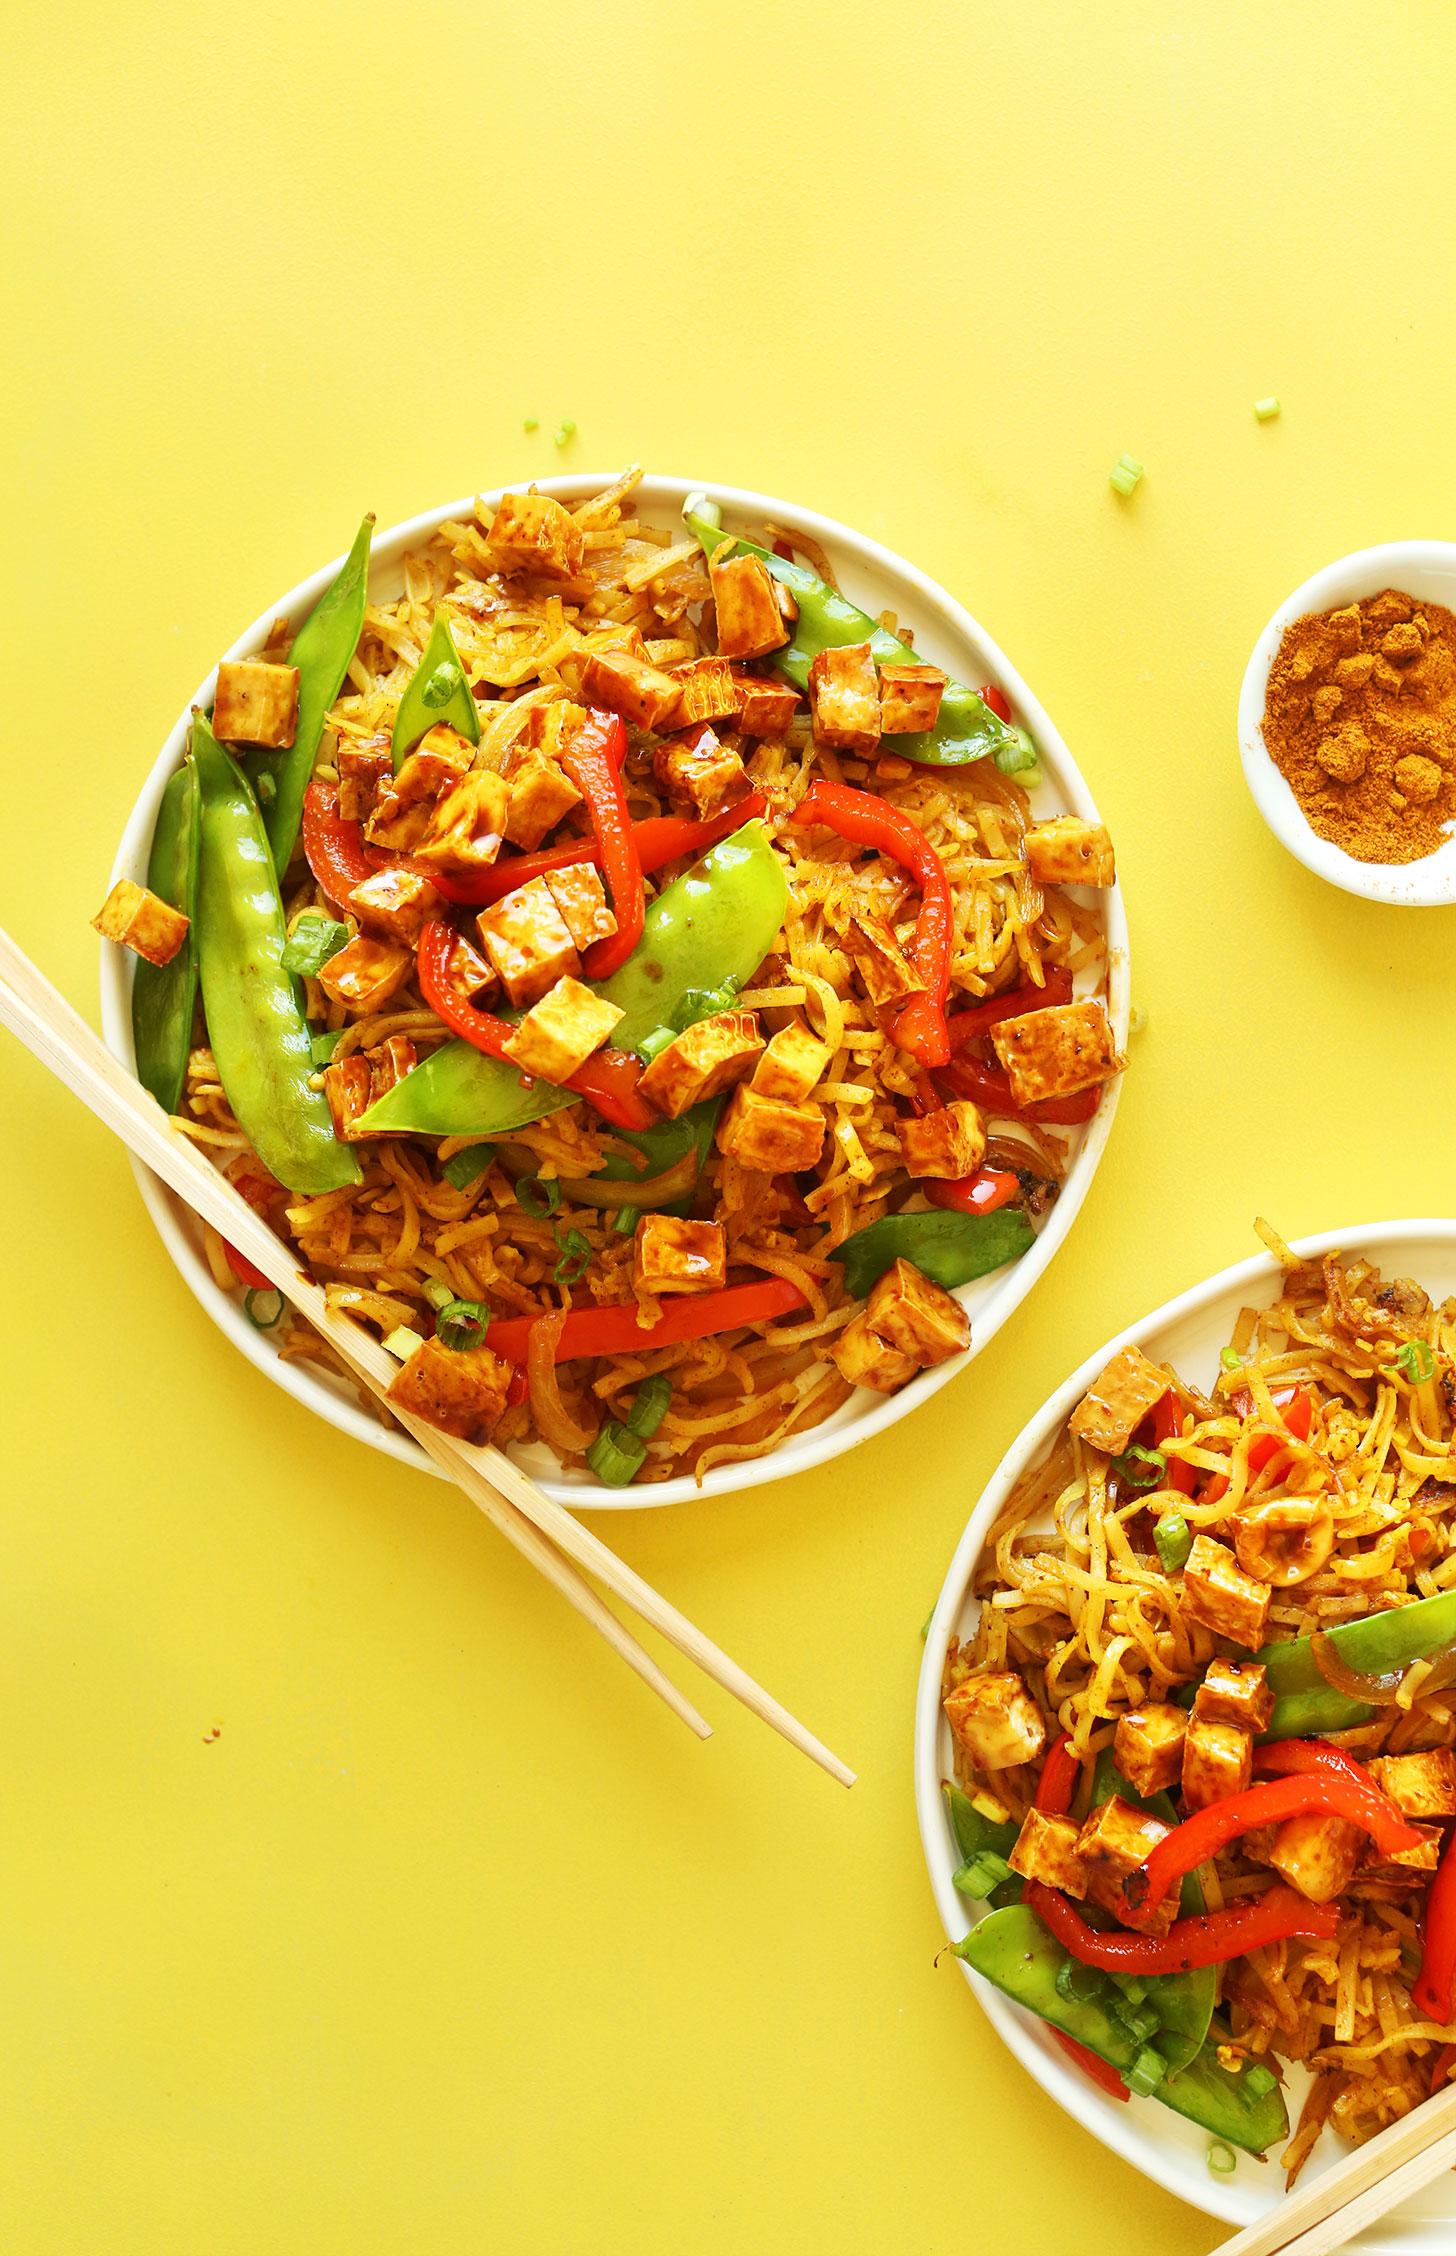 Vegan-Singapore-Noodles-10-ingredients-simple-ingredients-SO-flavorful-vegan-glutenfree-noodles-recipe-healthy